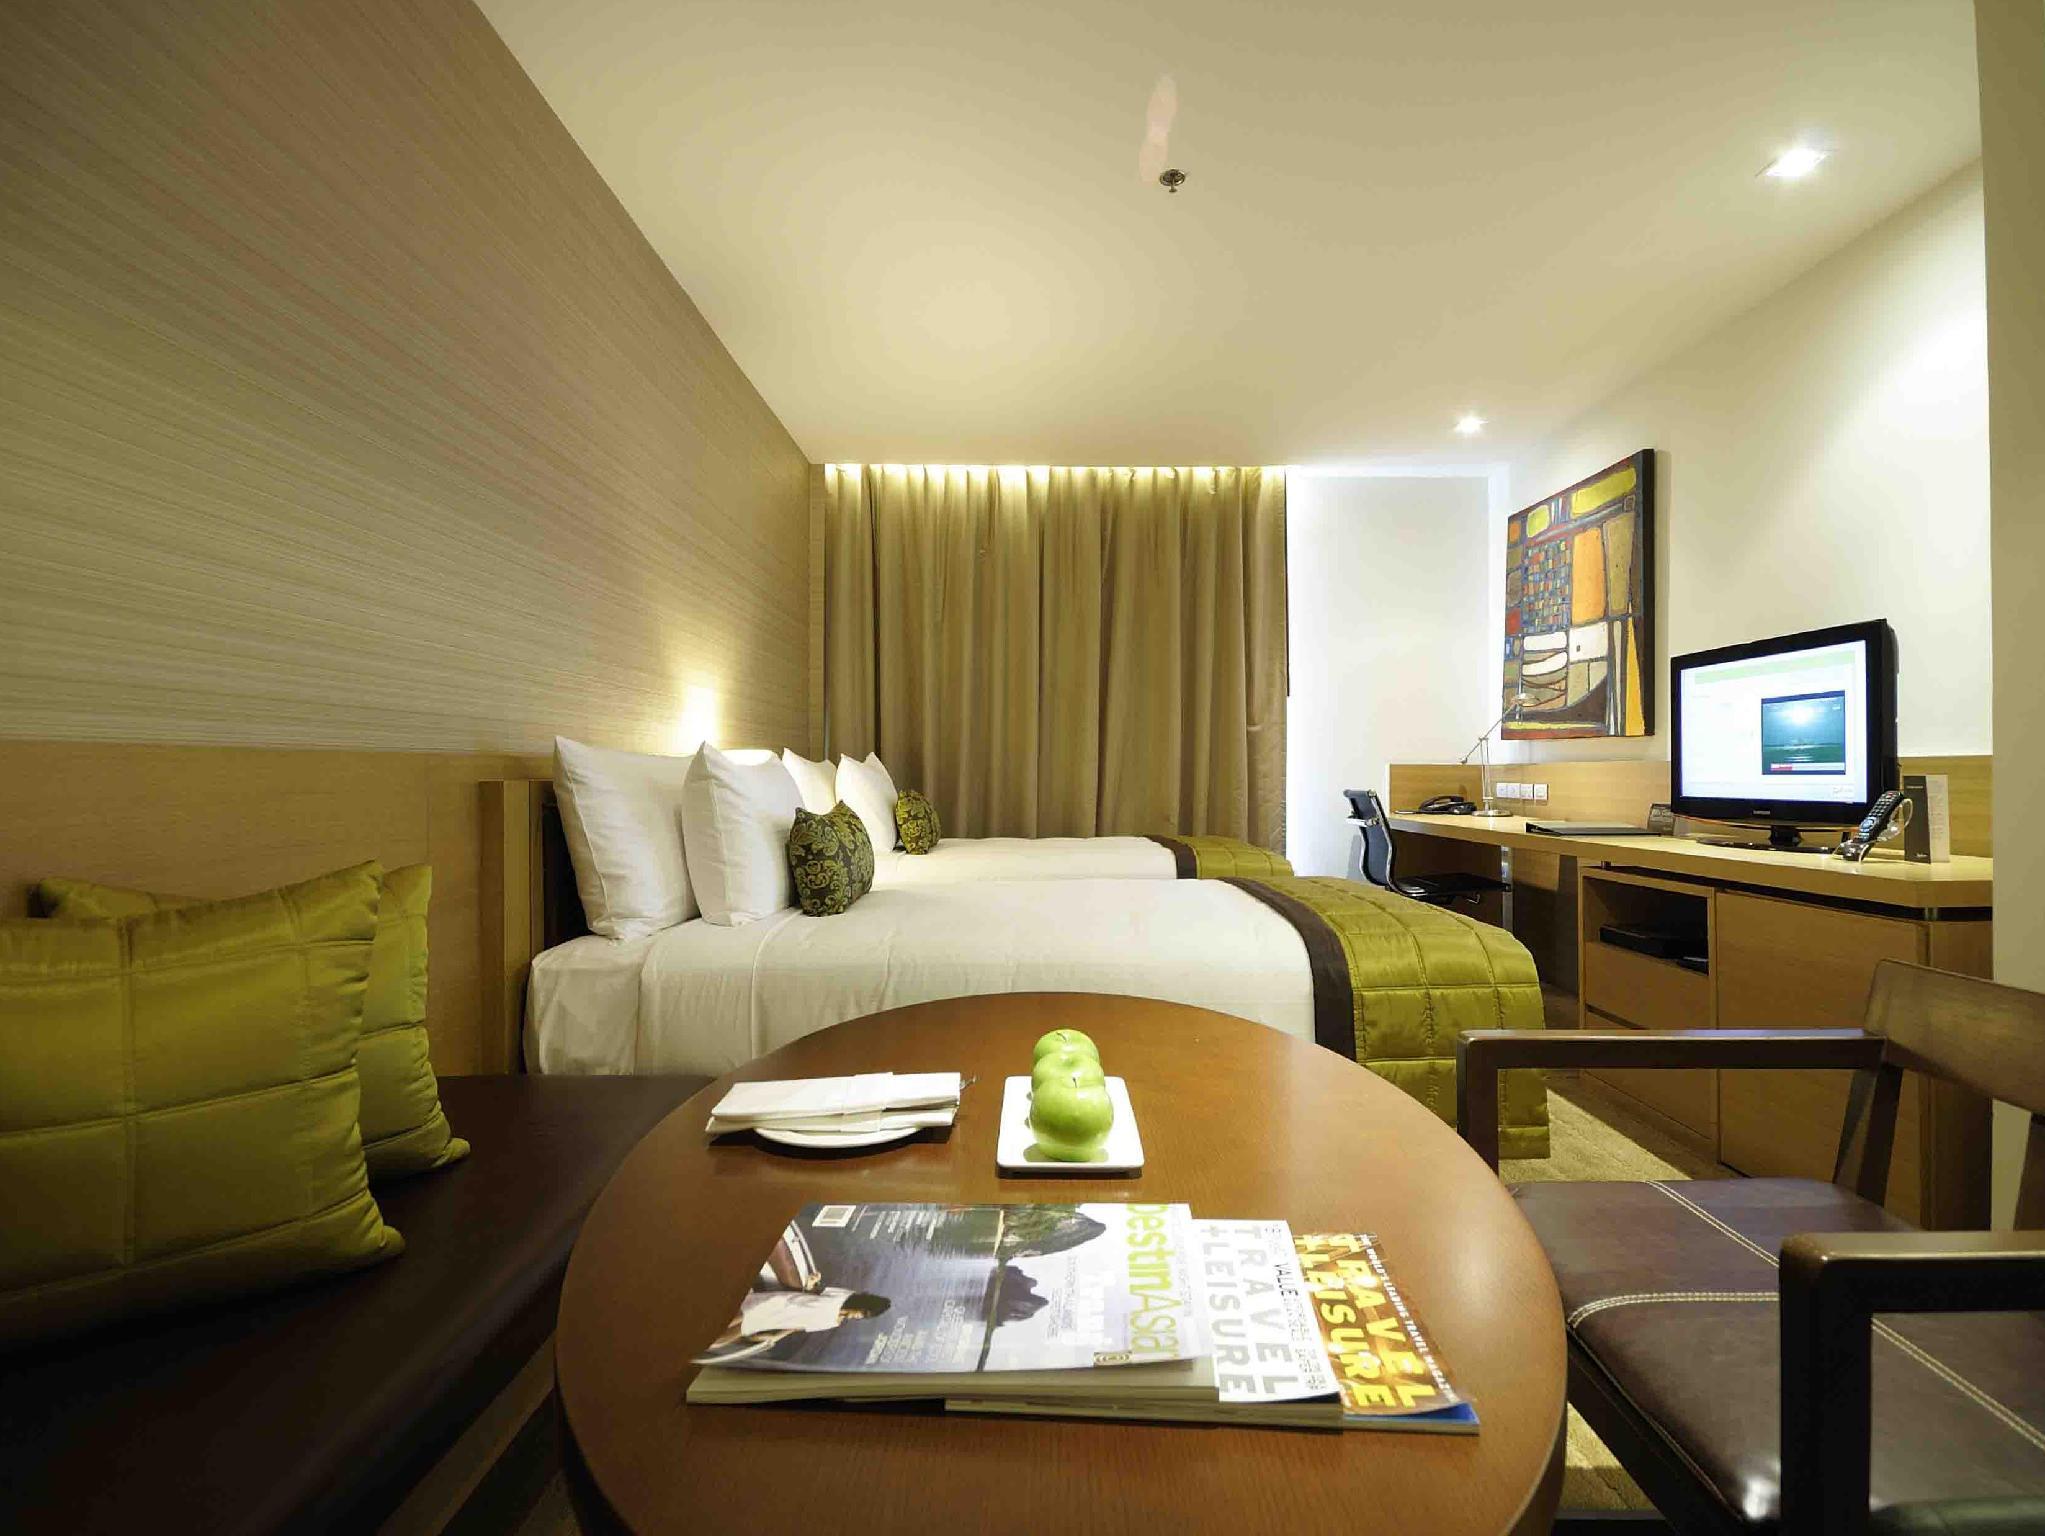 アナンタラ バンコク サトーン ホテル (Anantara Bangkok Sathorn Hotel)